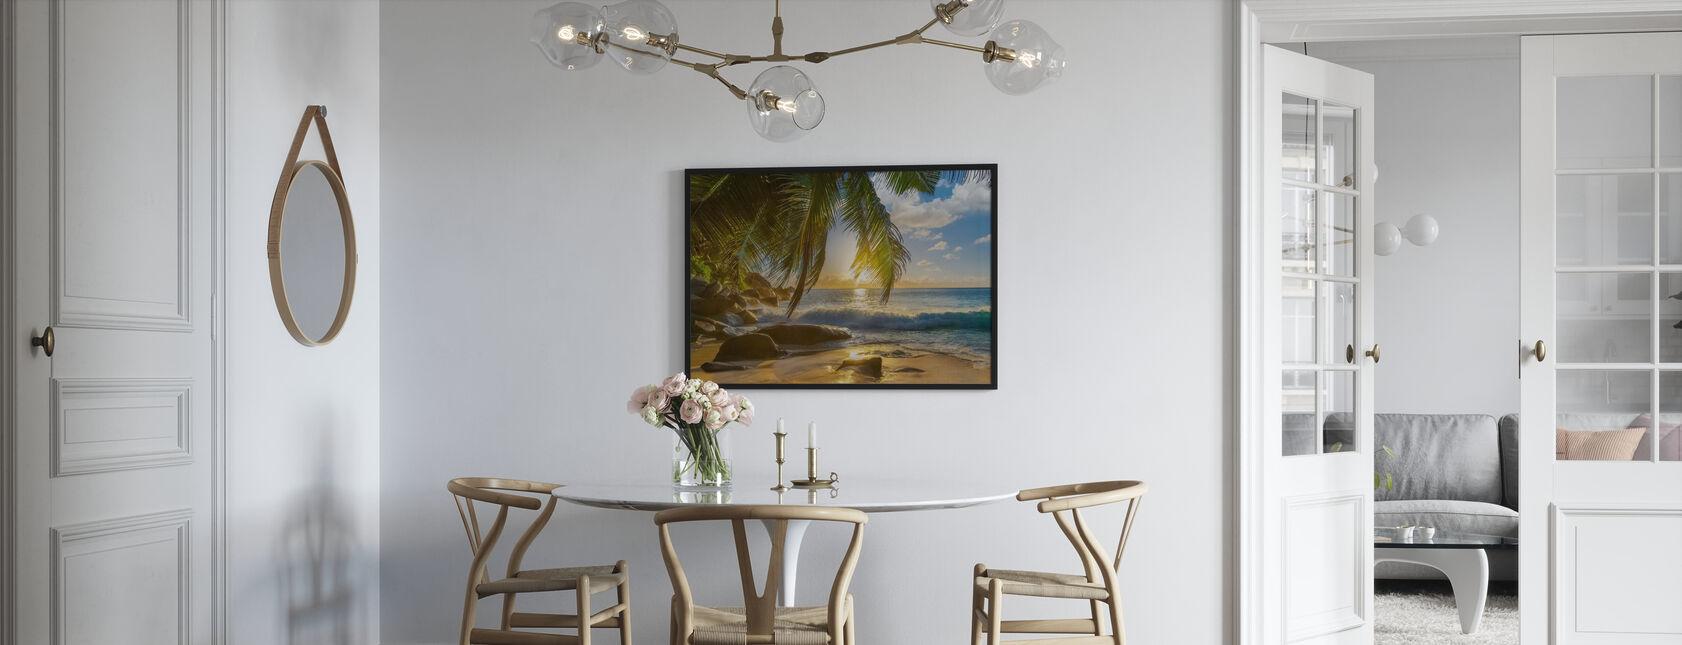 Beach Rocks Waves - Poster - Kitchen